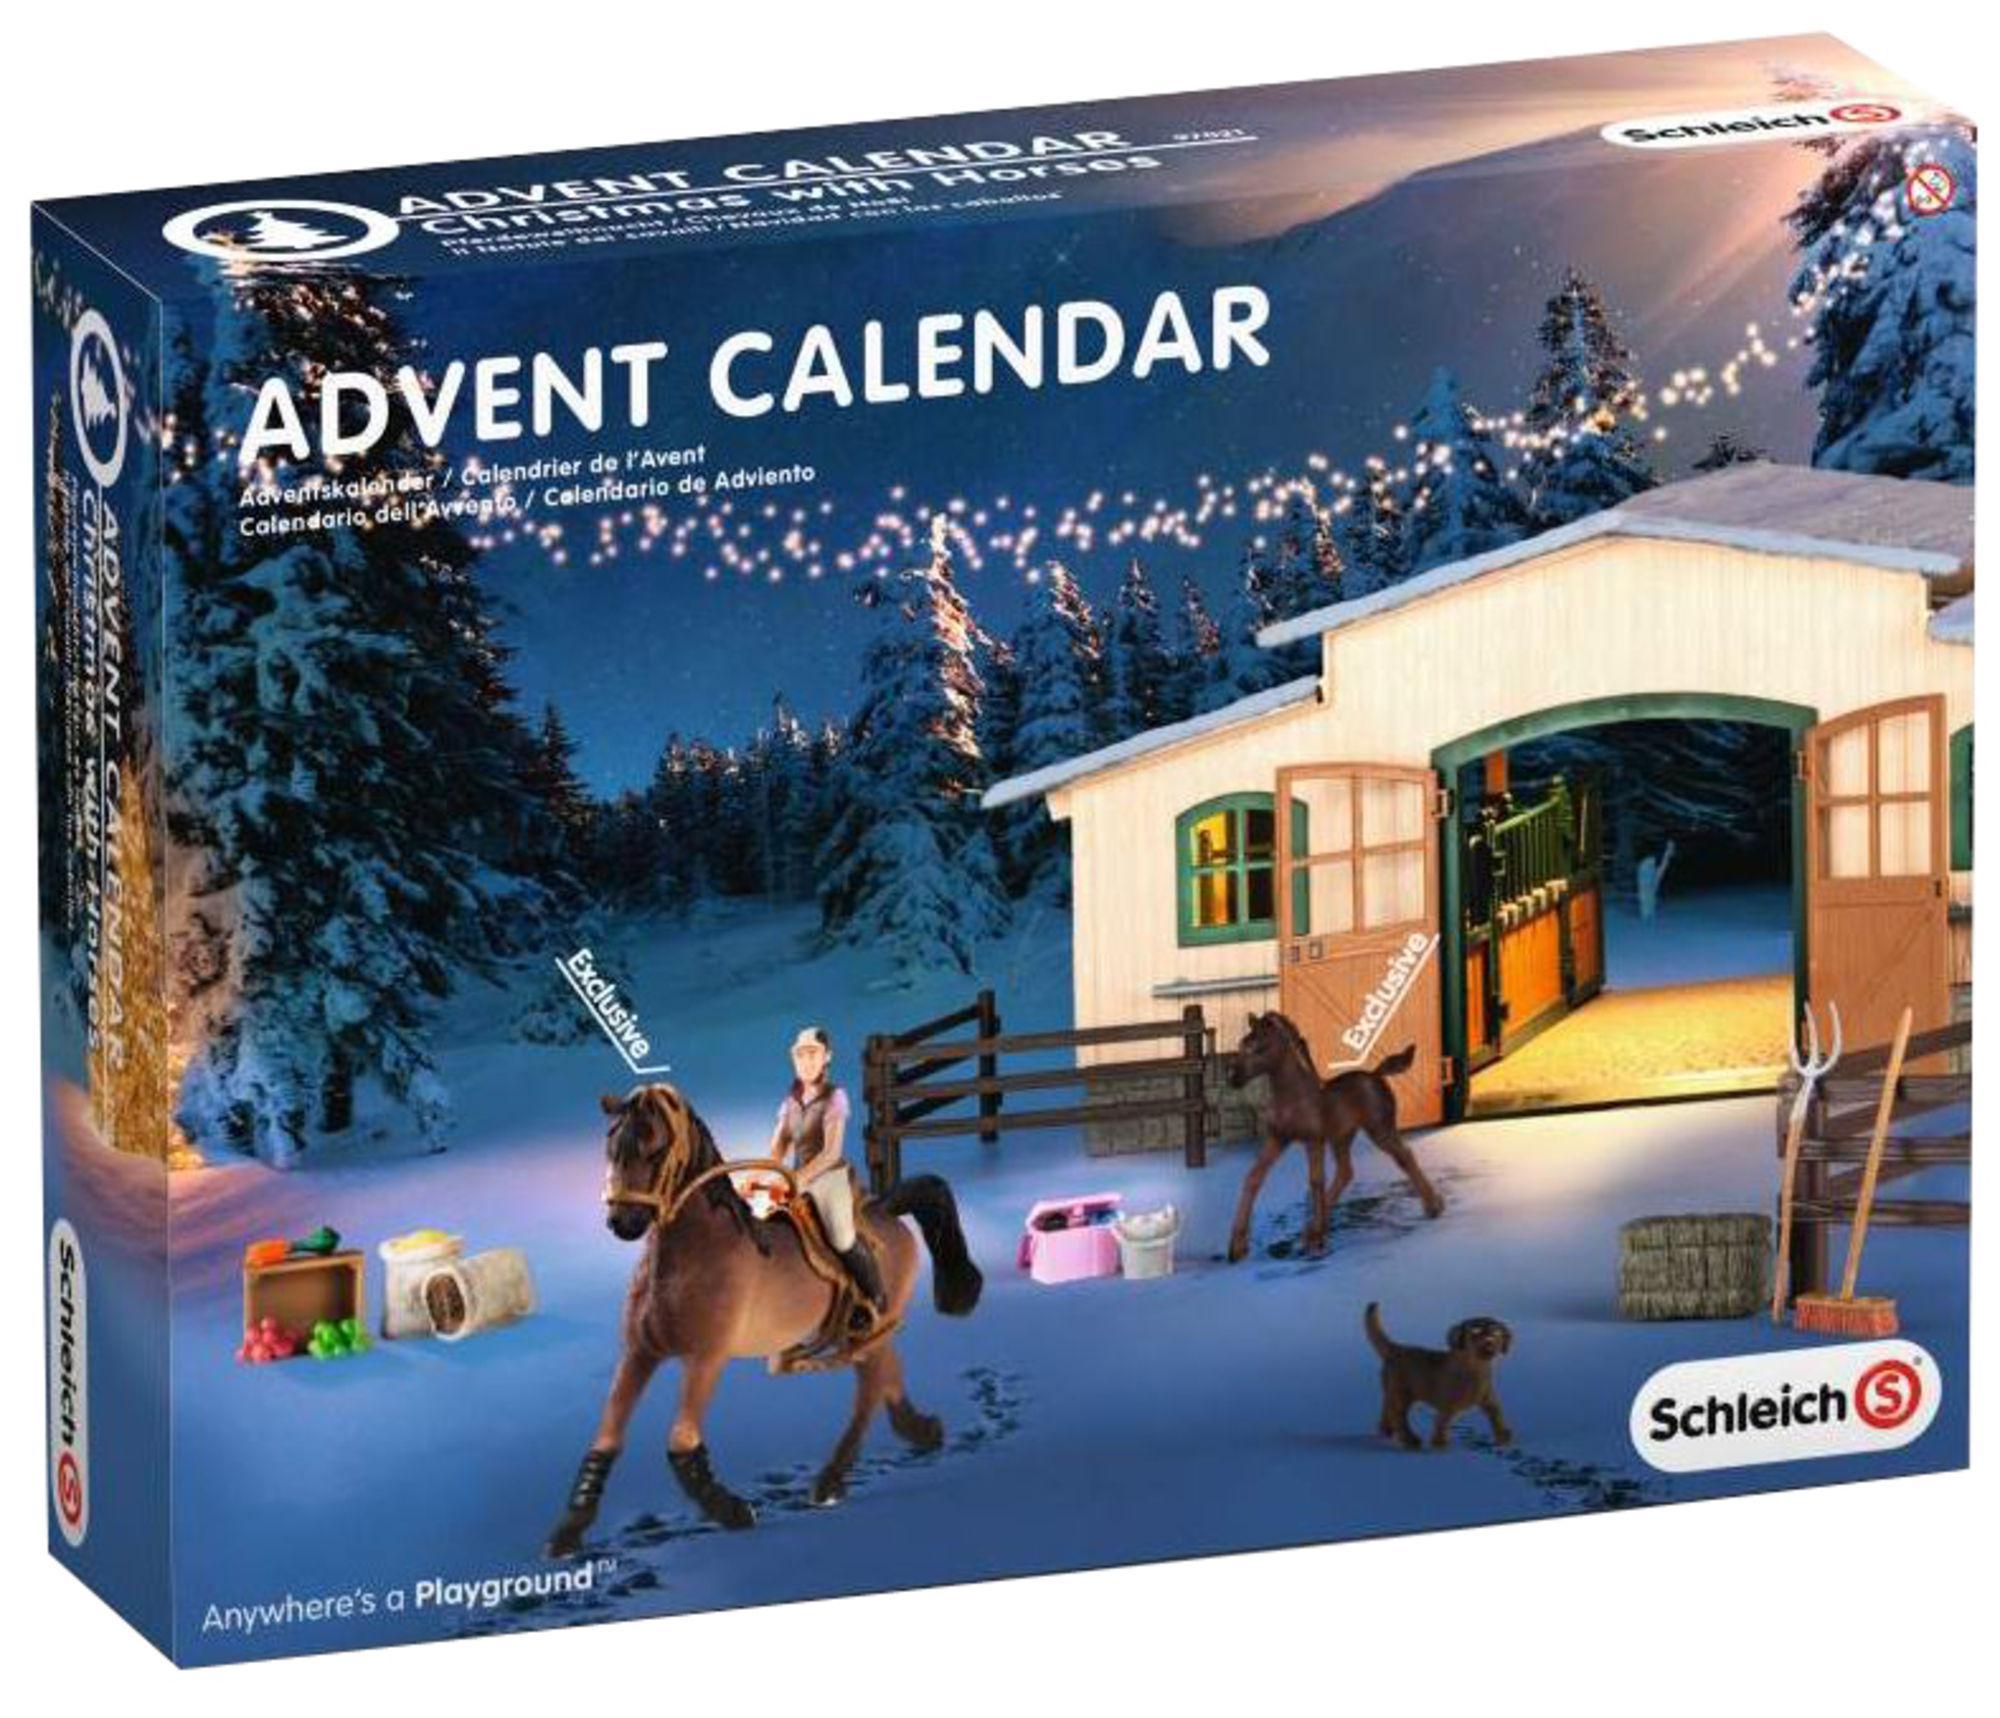 lelu joulukalenteri 2018 Schleich joulukalenteri hevoset | Hintaseuranta.fi lelu joulukalenteri 2018